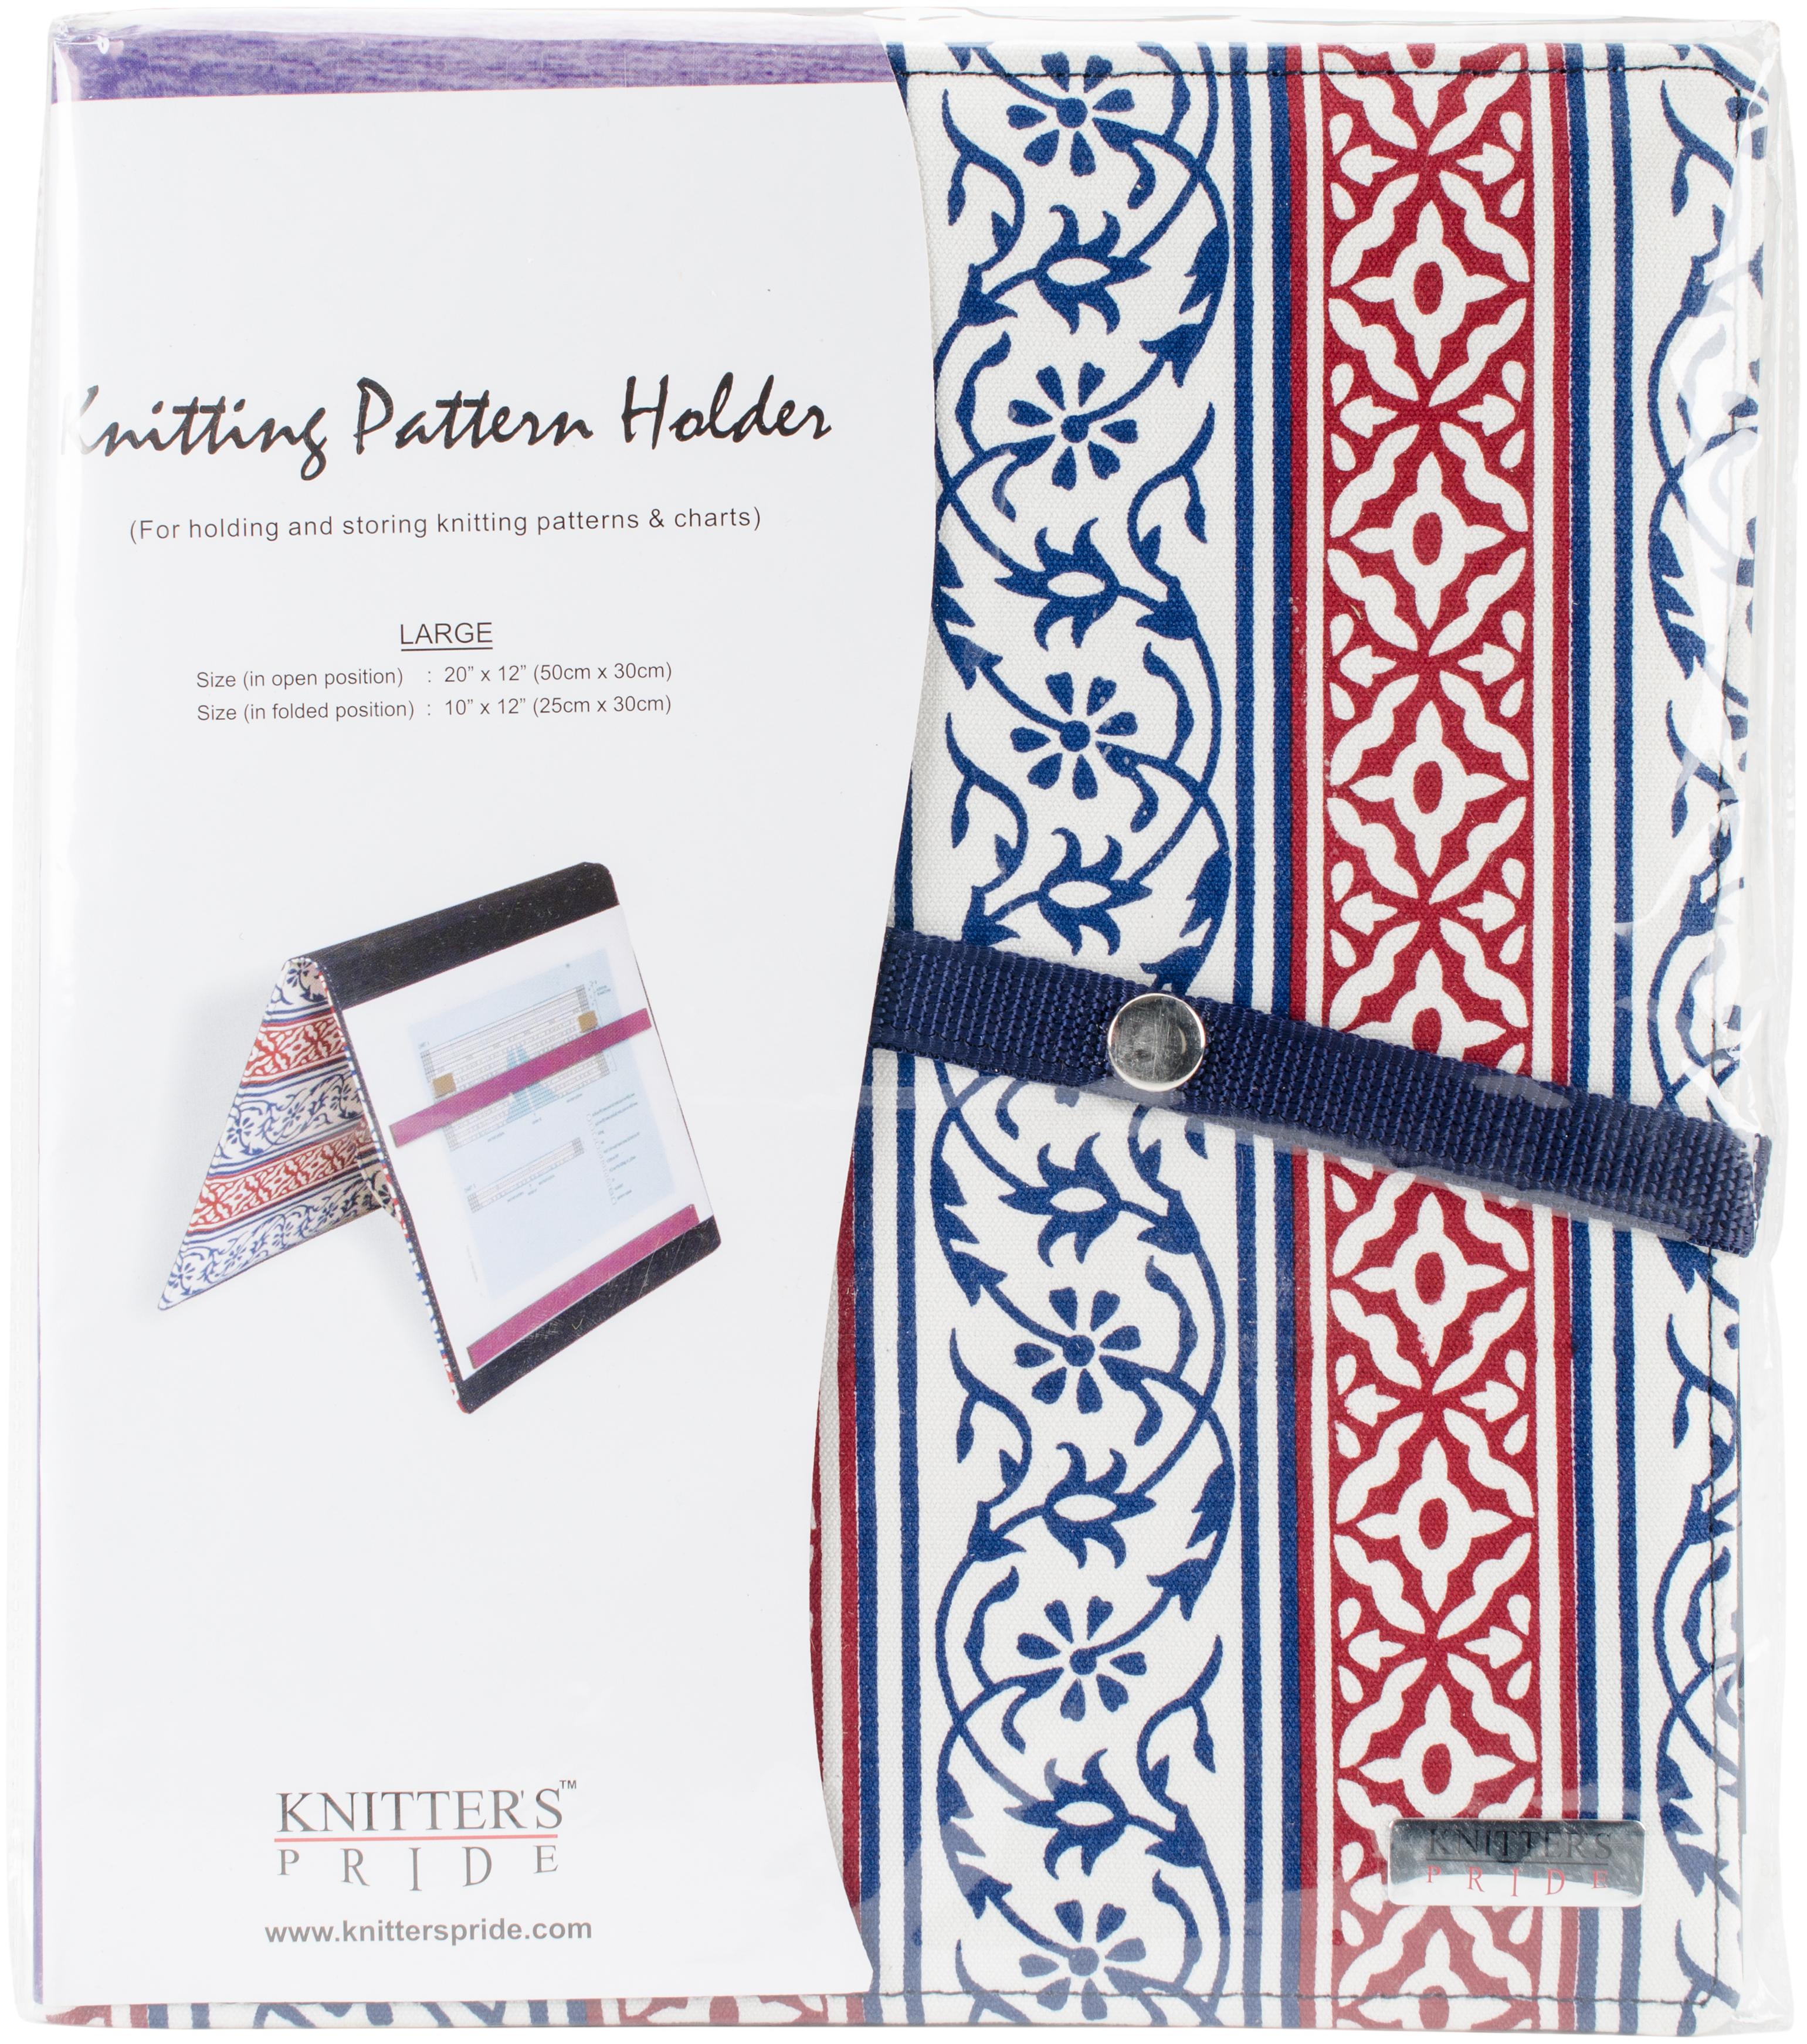 Knitter's Pride Pattern Holder Large - Navy